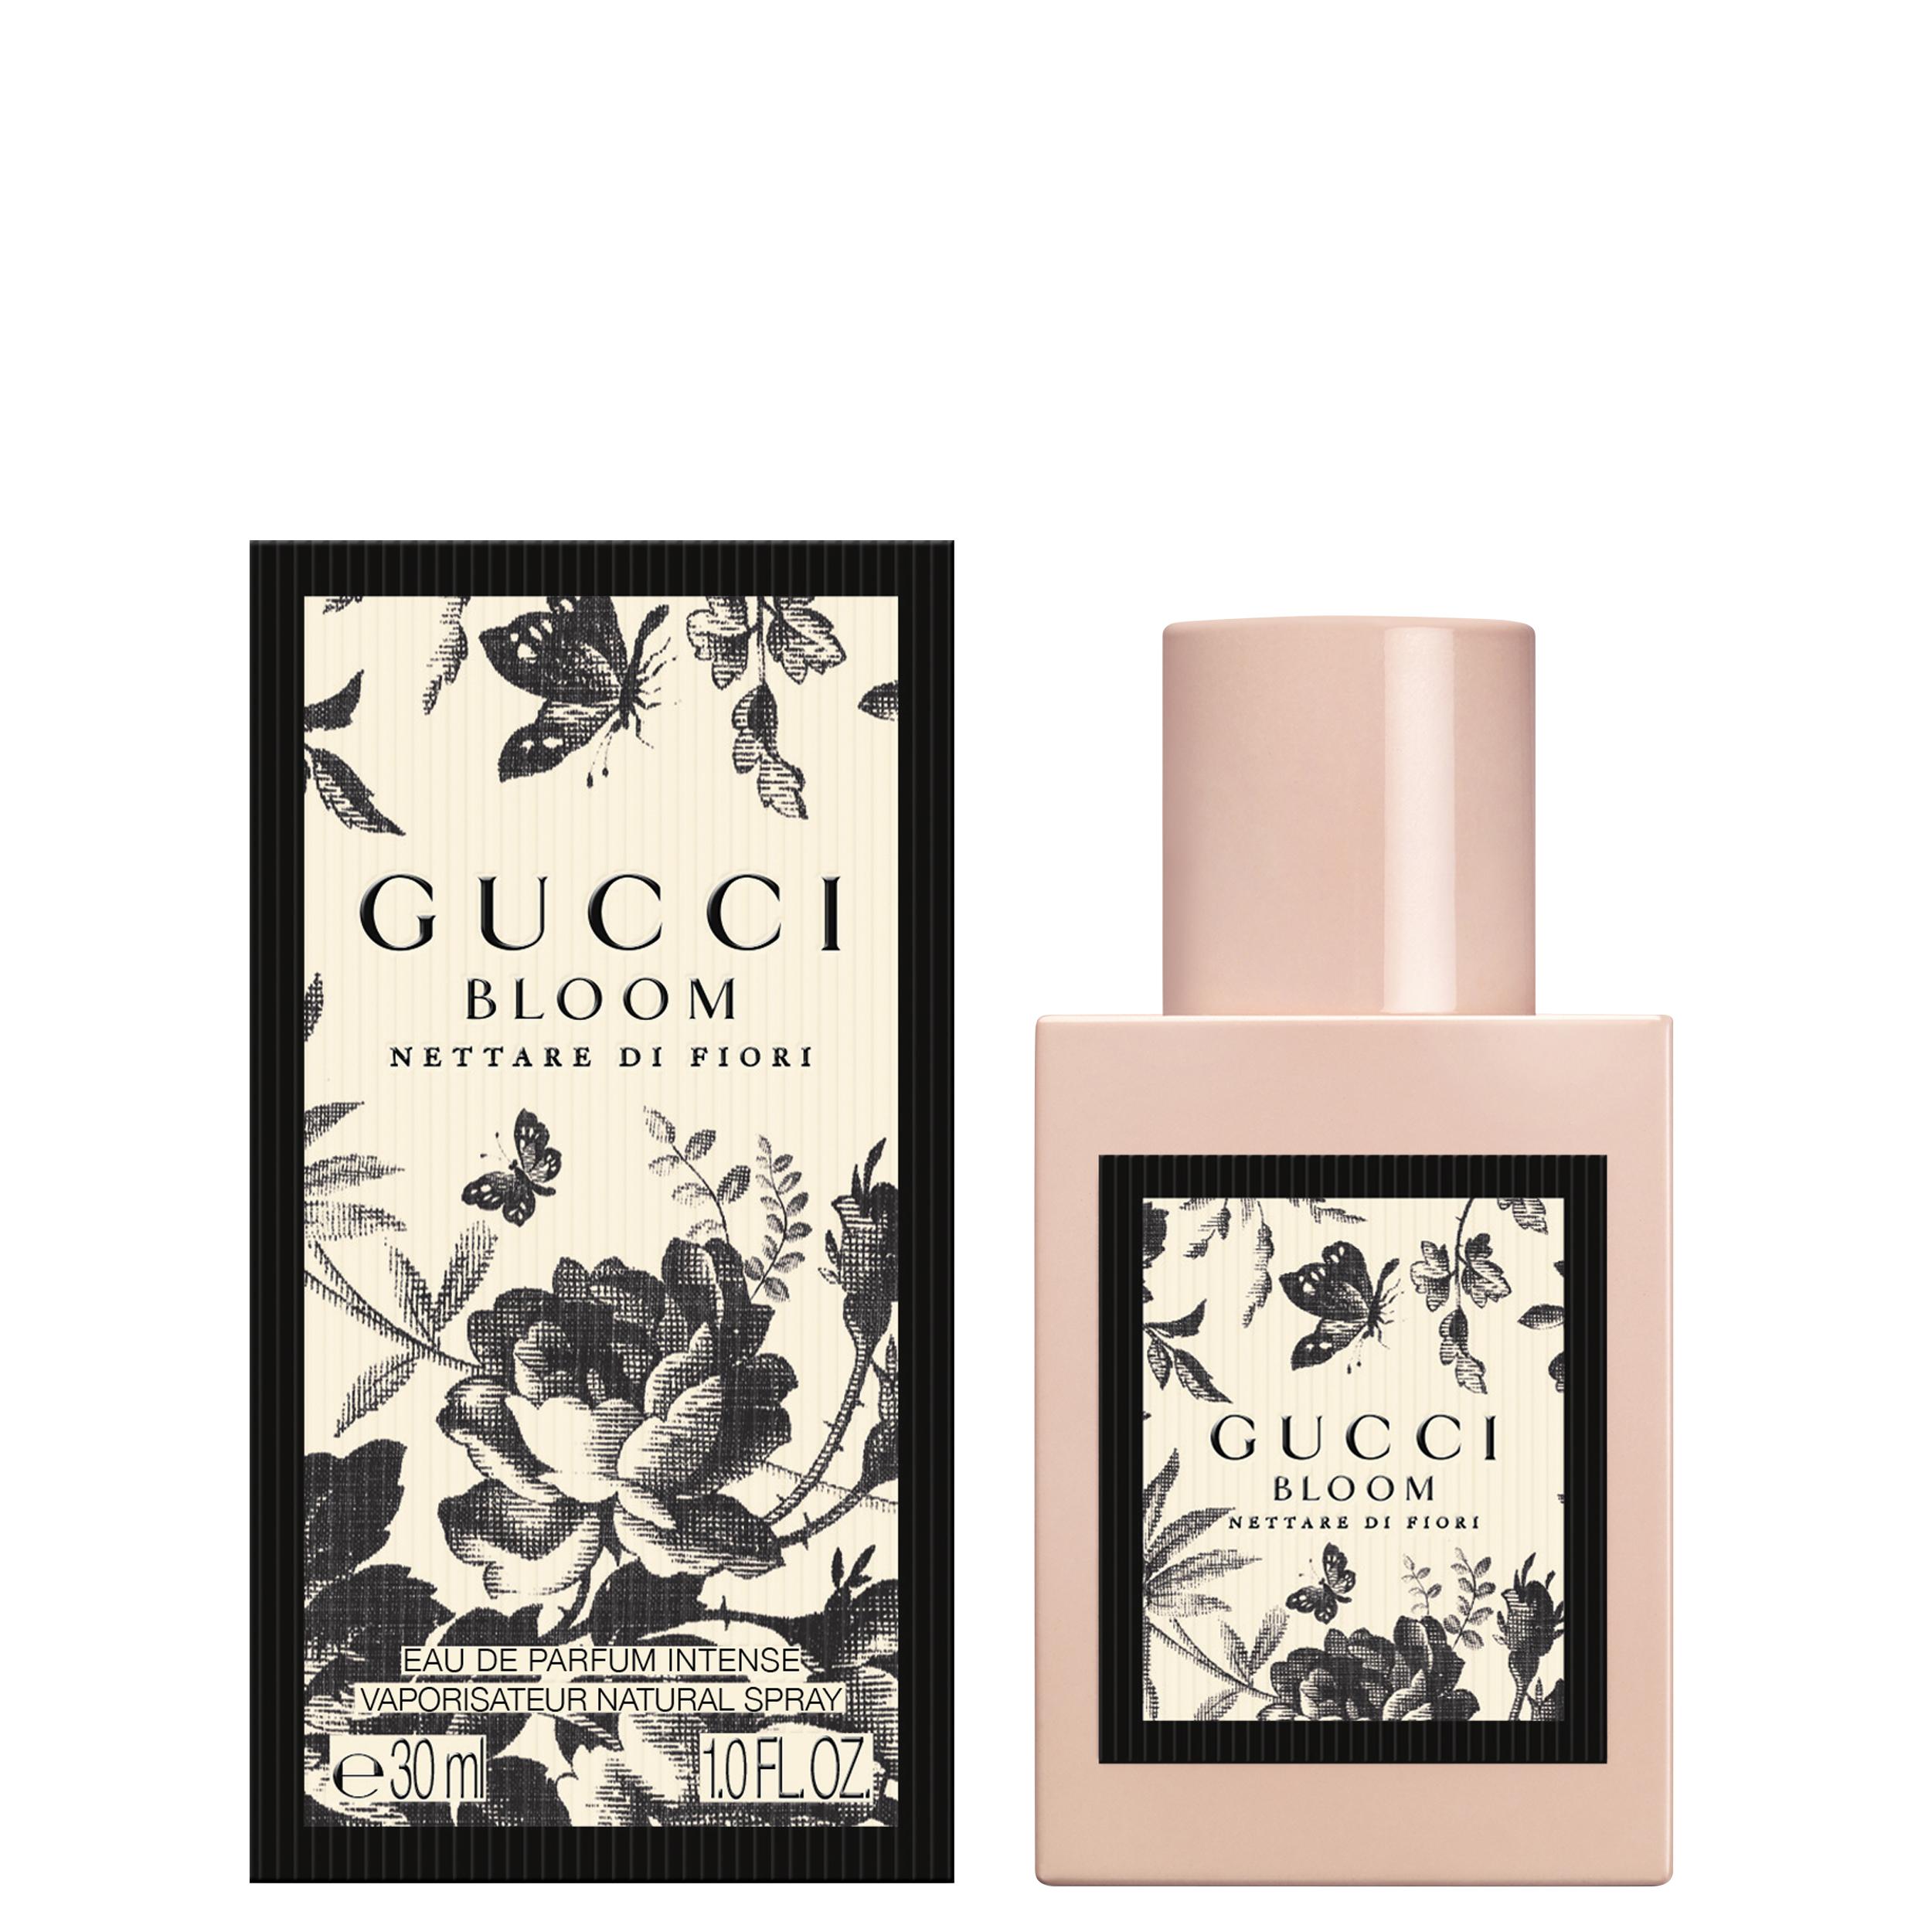 Gucci Bloom Nettare Di Fiori EDP, 30 ml